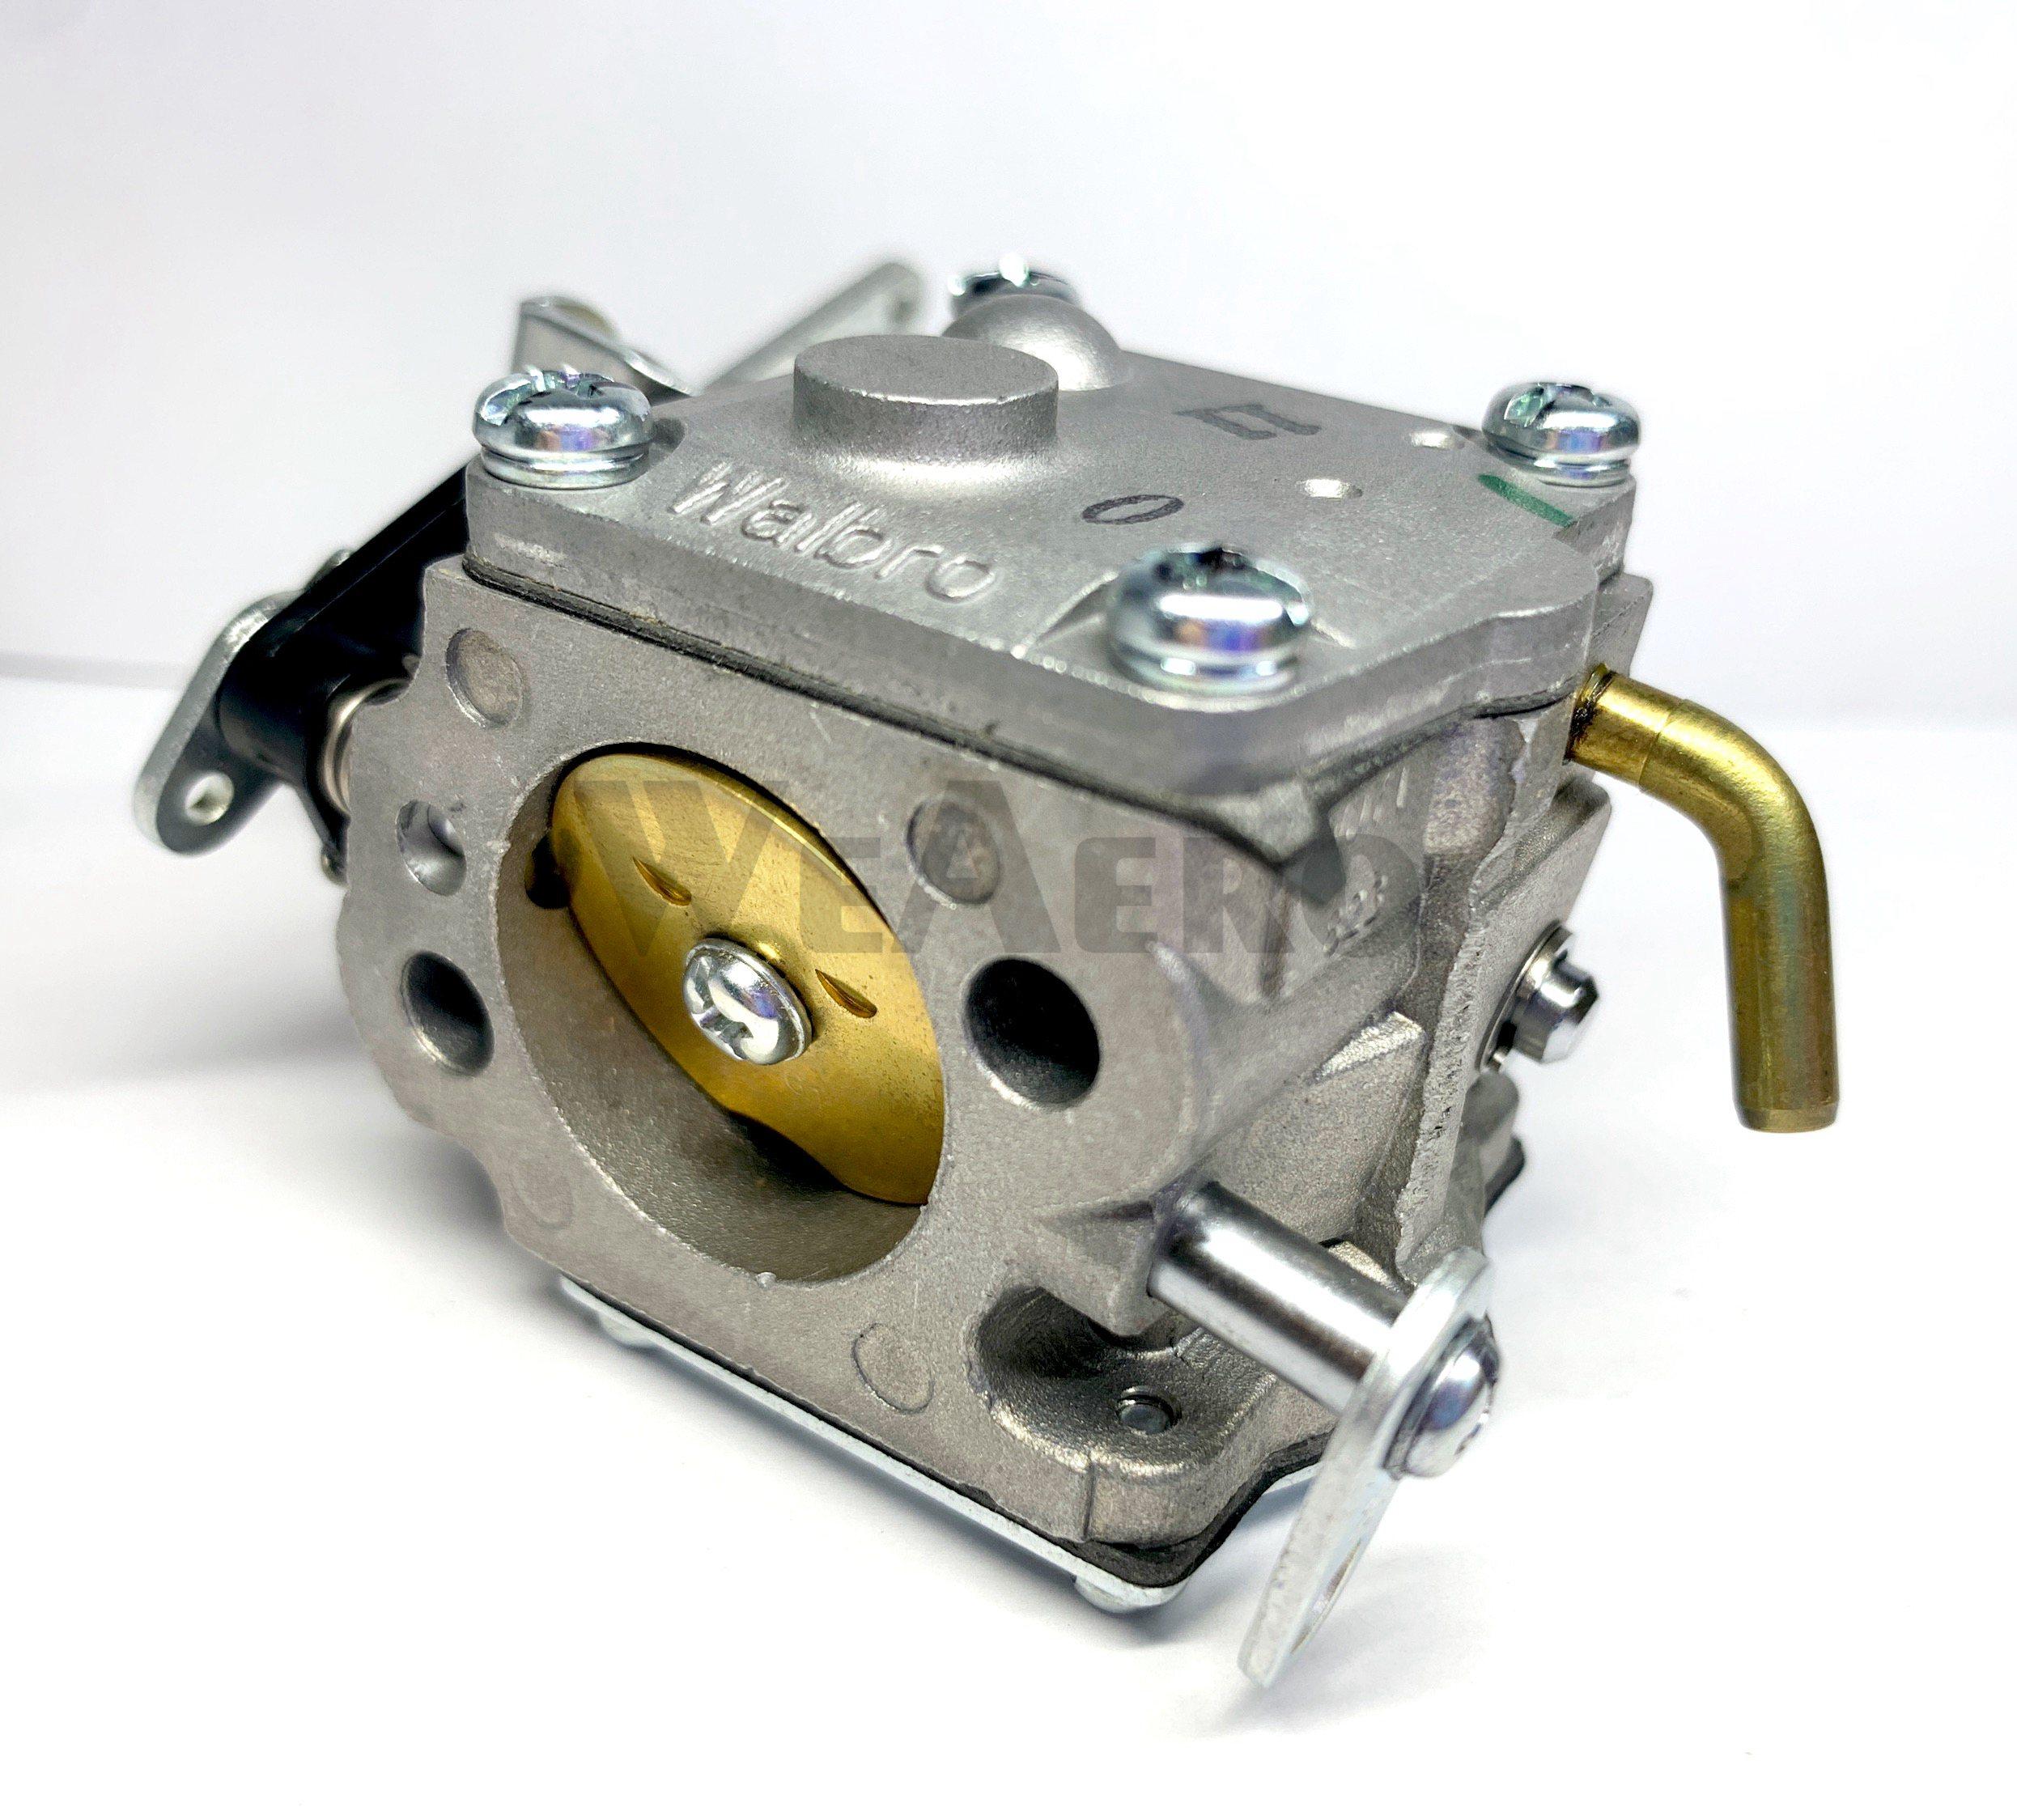 Rcgf 정품 부품! Rcgf 120cct 120cc 가솔린 엔진 용 wj71 기화기-에서부품 & 액세서리부터 완구 & 취미 의  그룹 1